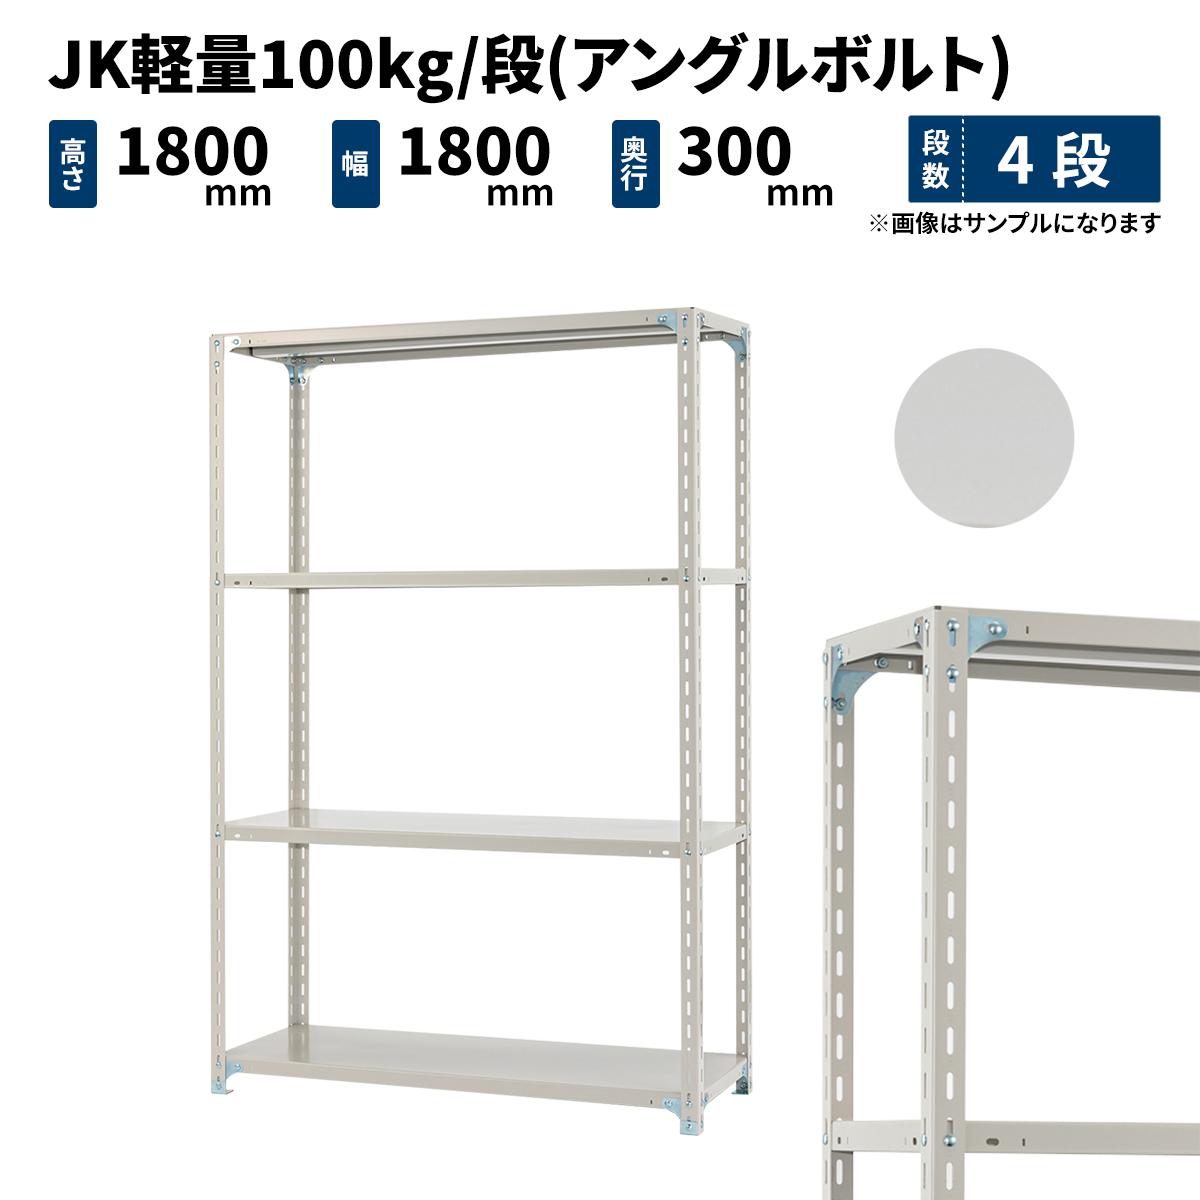 スチールラック 業務用 JK軽量100kg/段(アングルボルト) 高さ1800×幅1800×奥行300mm 4段 ホワイトグレー (39kg) JK100BT-181803-4